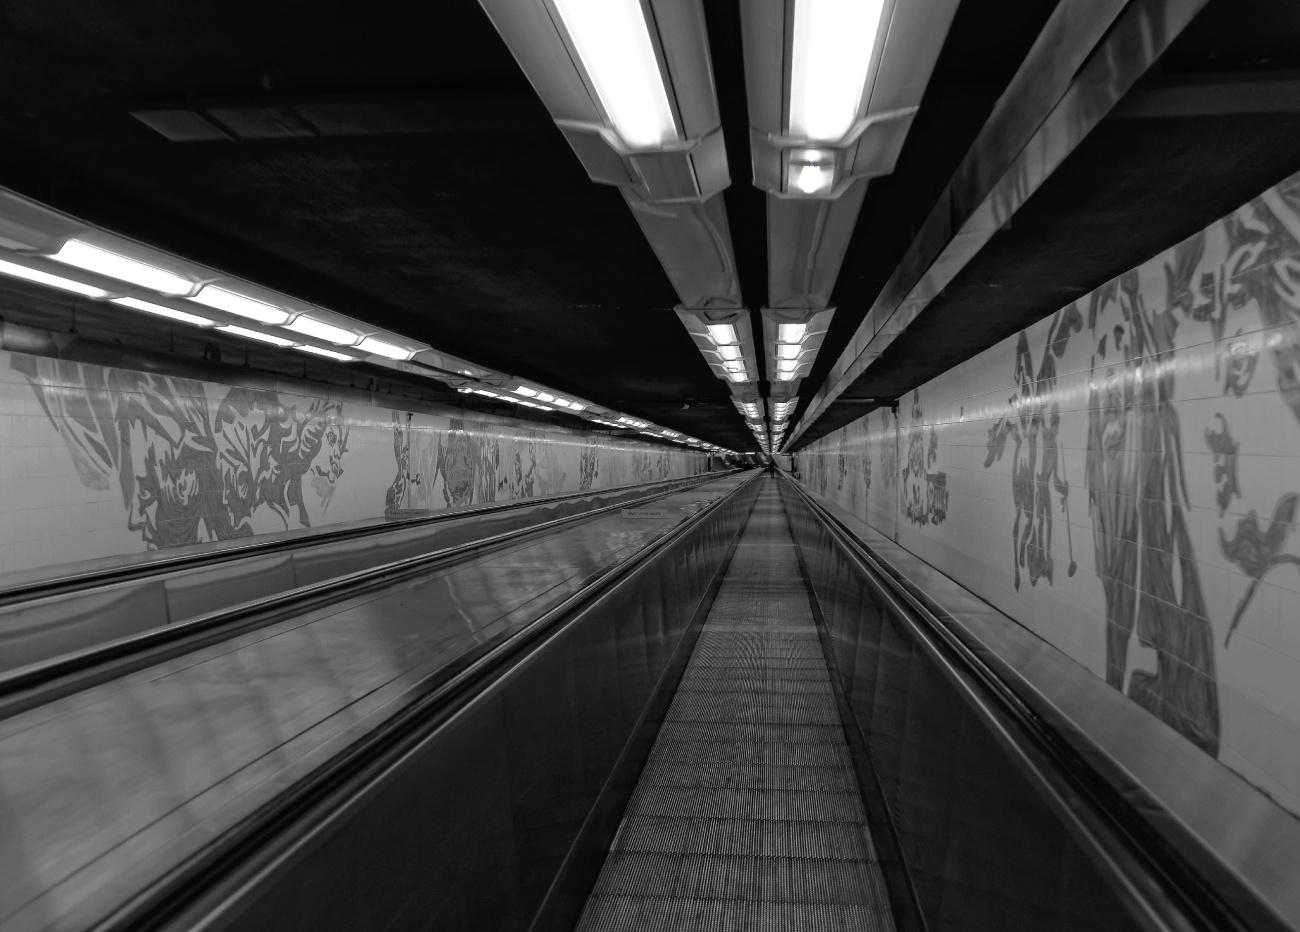 tapis roulant, couloir métro parisienyanotype_DxOVP